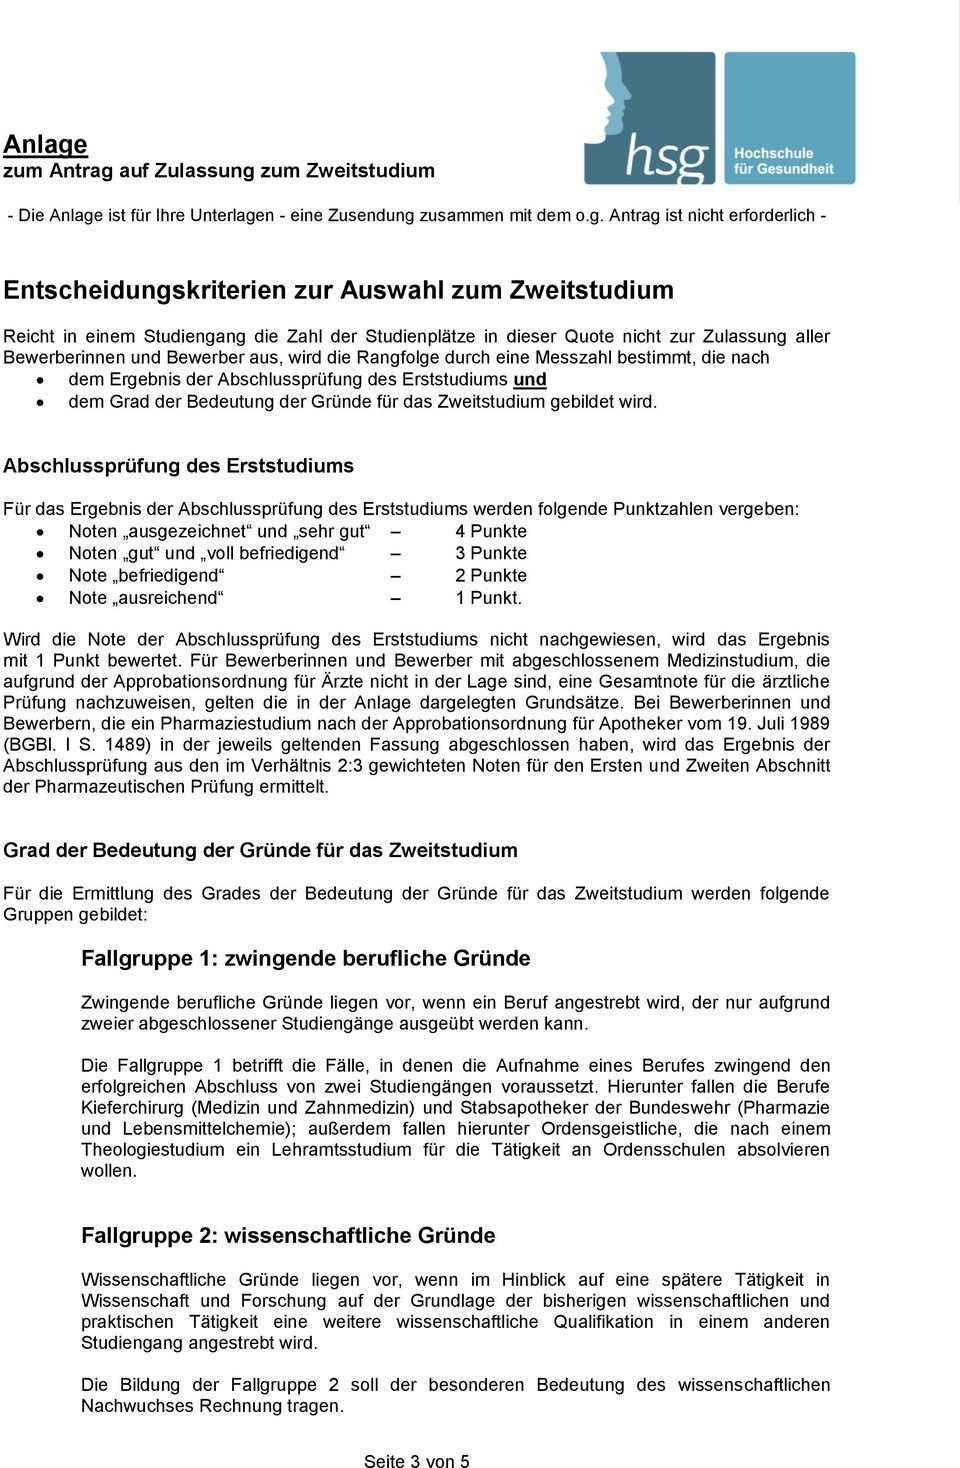 Antrag Auf Zulassung Zum Zweitstudium Pdf Free Download